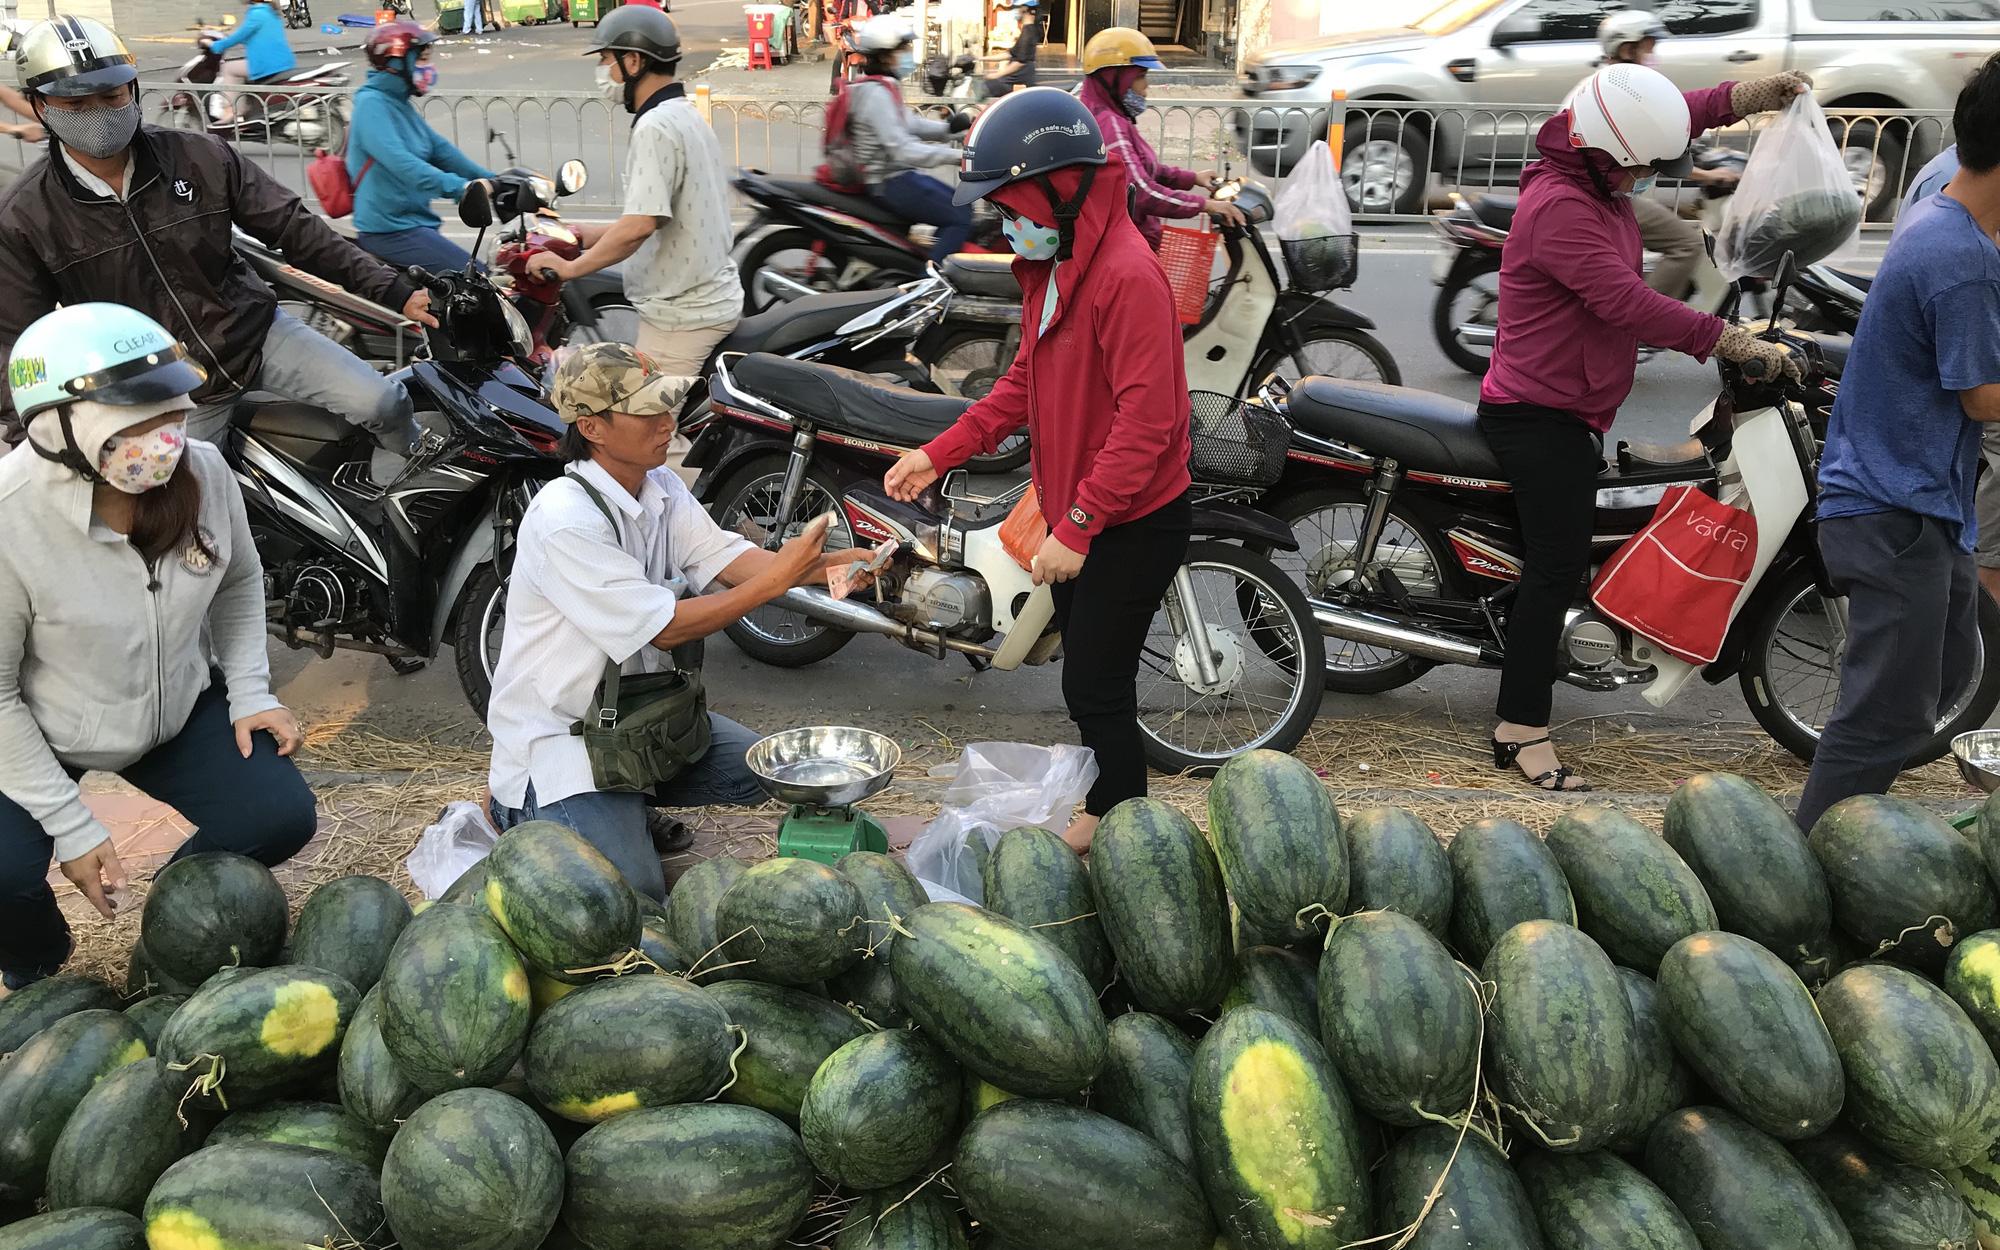 Trung Quốc không tiếp nhận tài xế vận chuyển hàng từ TP HCM, Hà Nội, Quảng Ninh, Đà Nẵng, Bình Thuận - Ảnh 2.